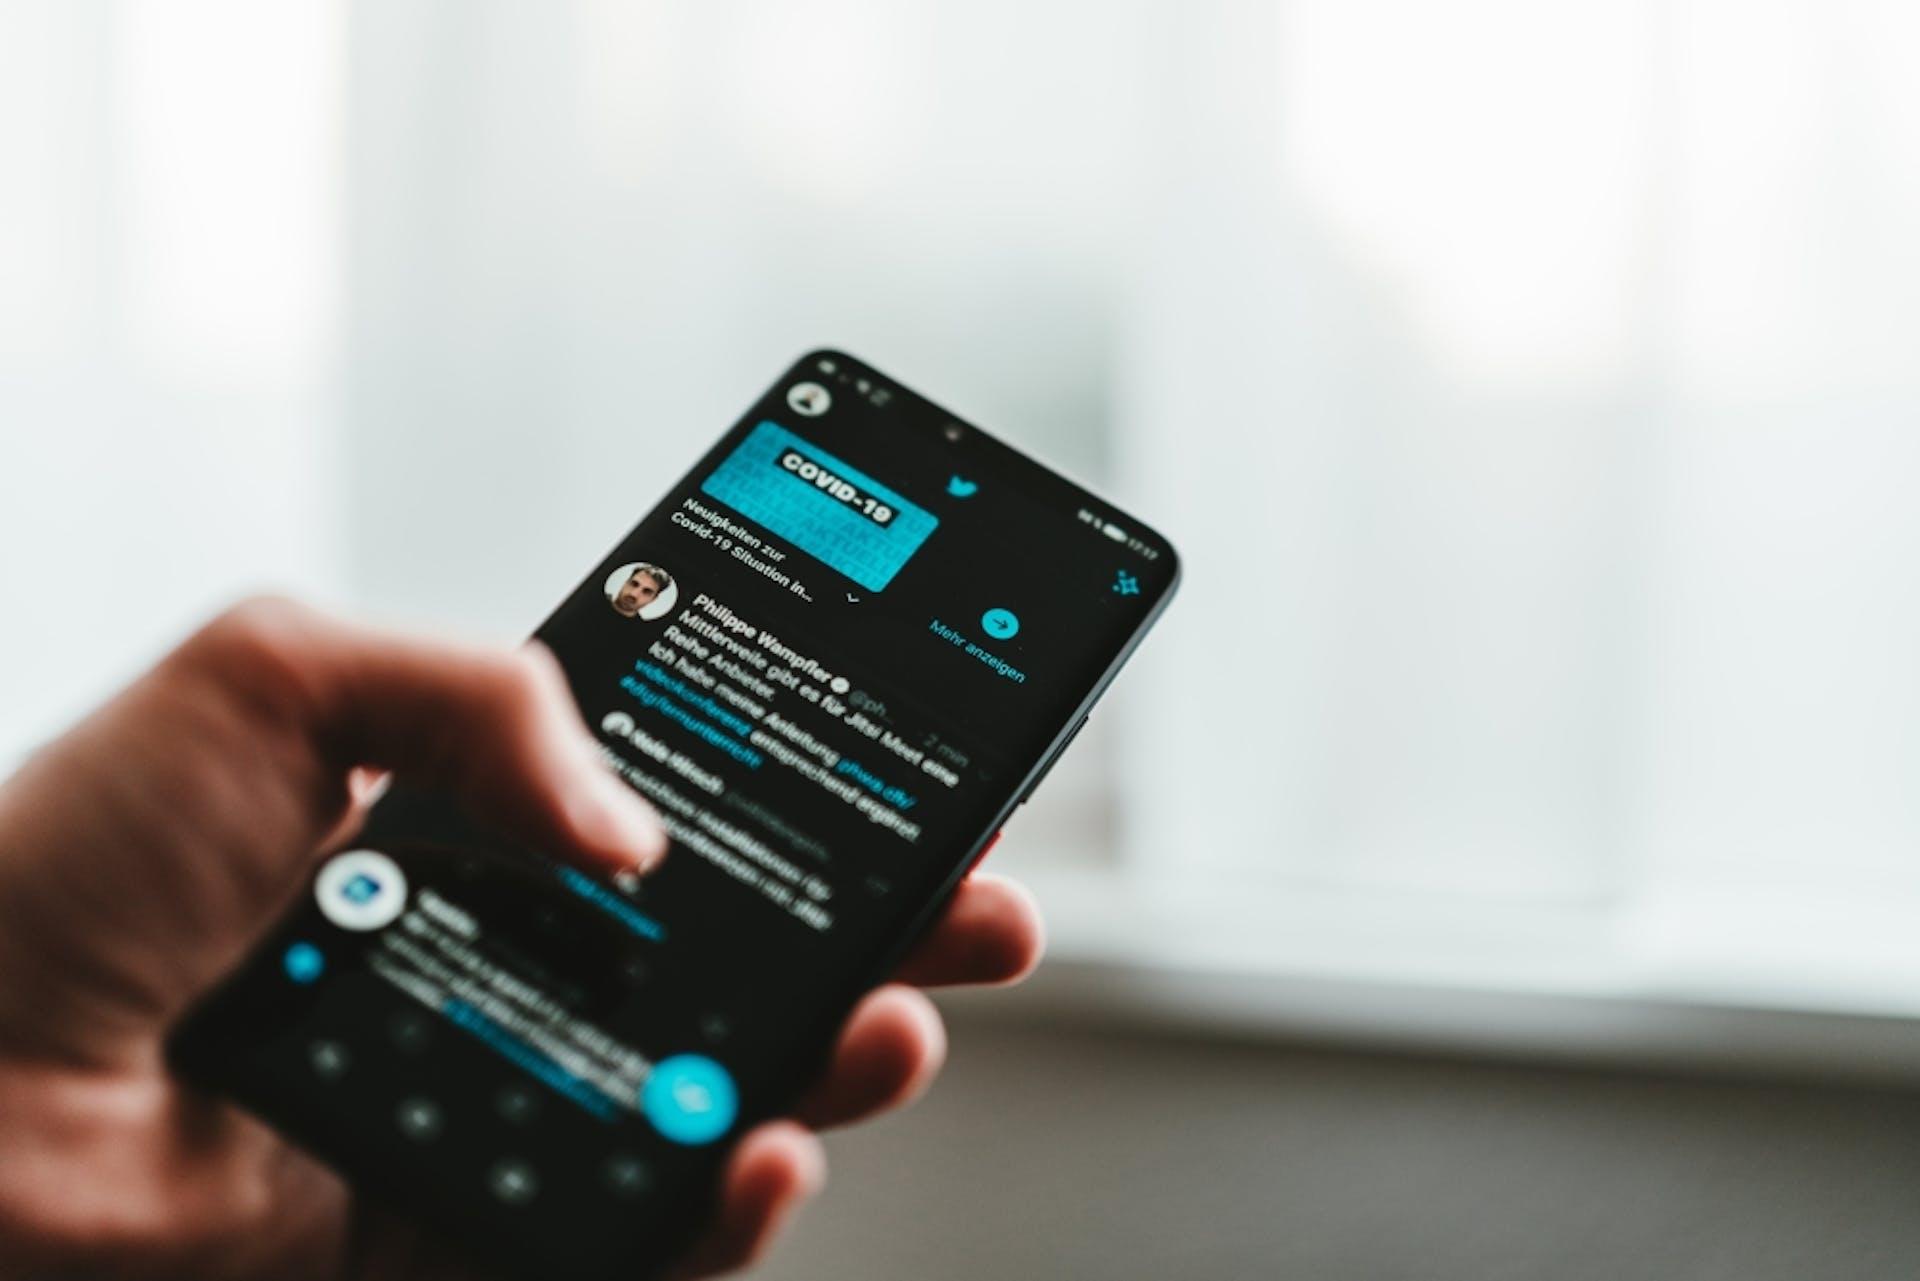 Shadowban en Twitter:  aprende qué es y cómo evitarlo para que tuitees sin preocupaciones